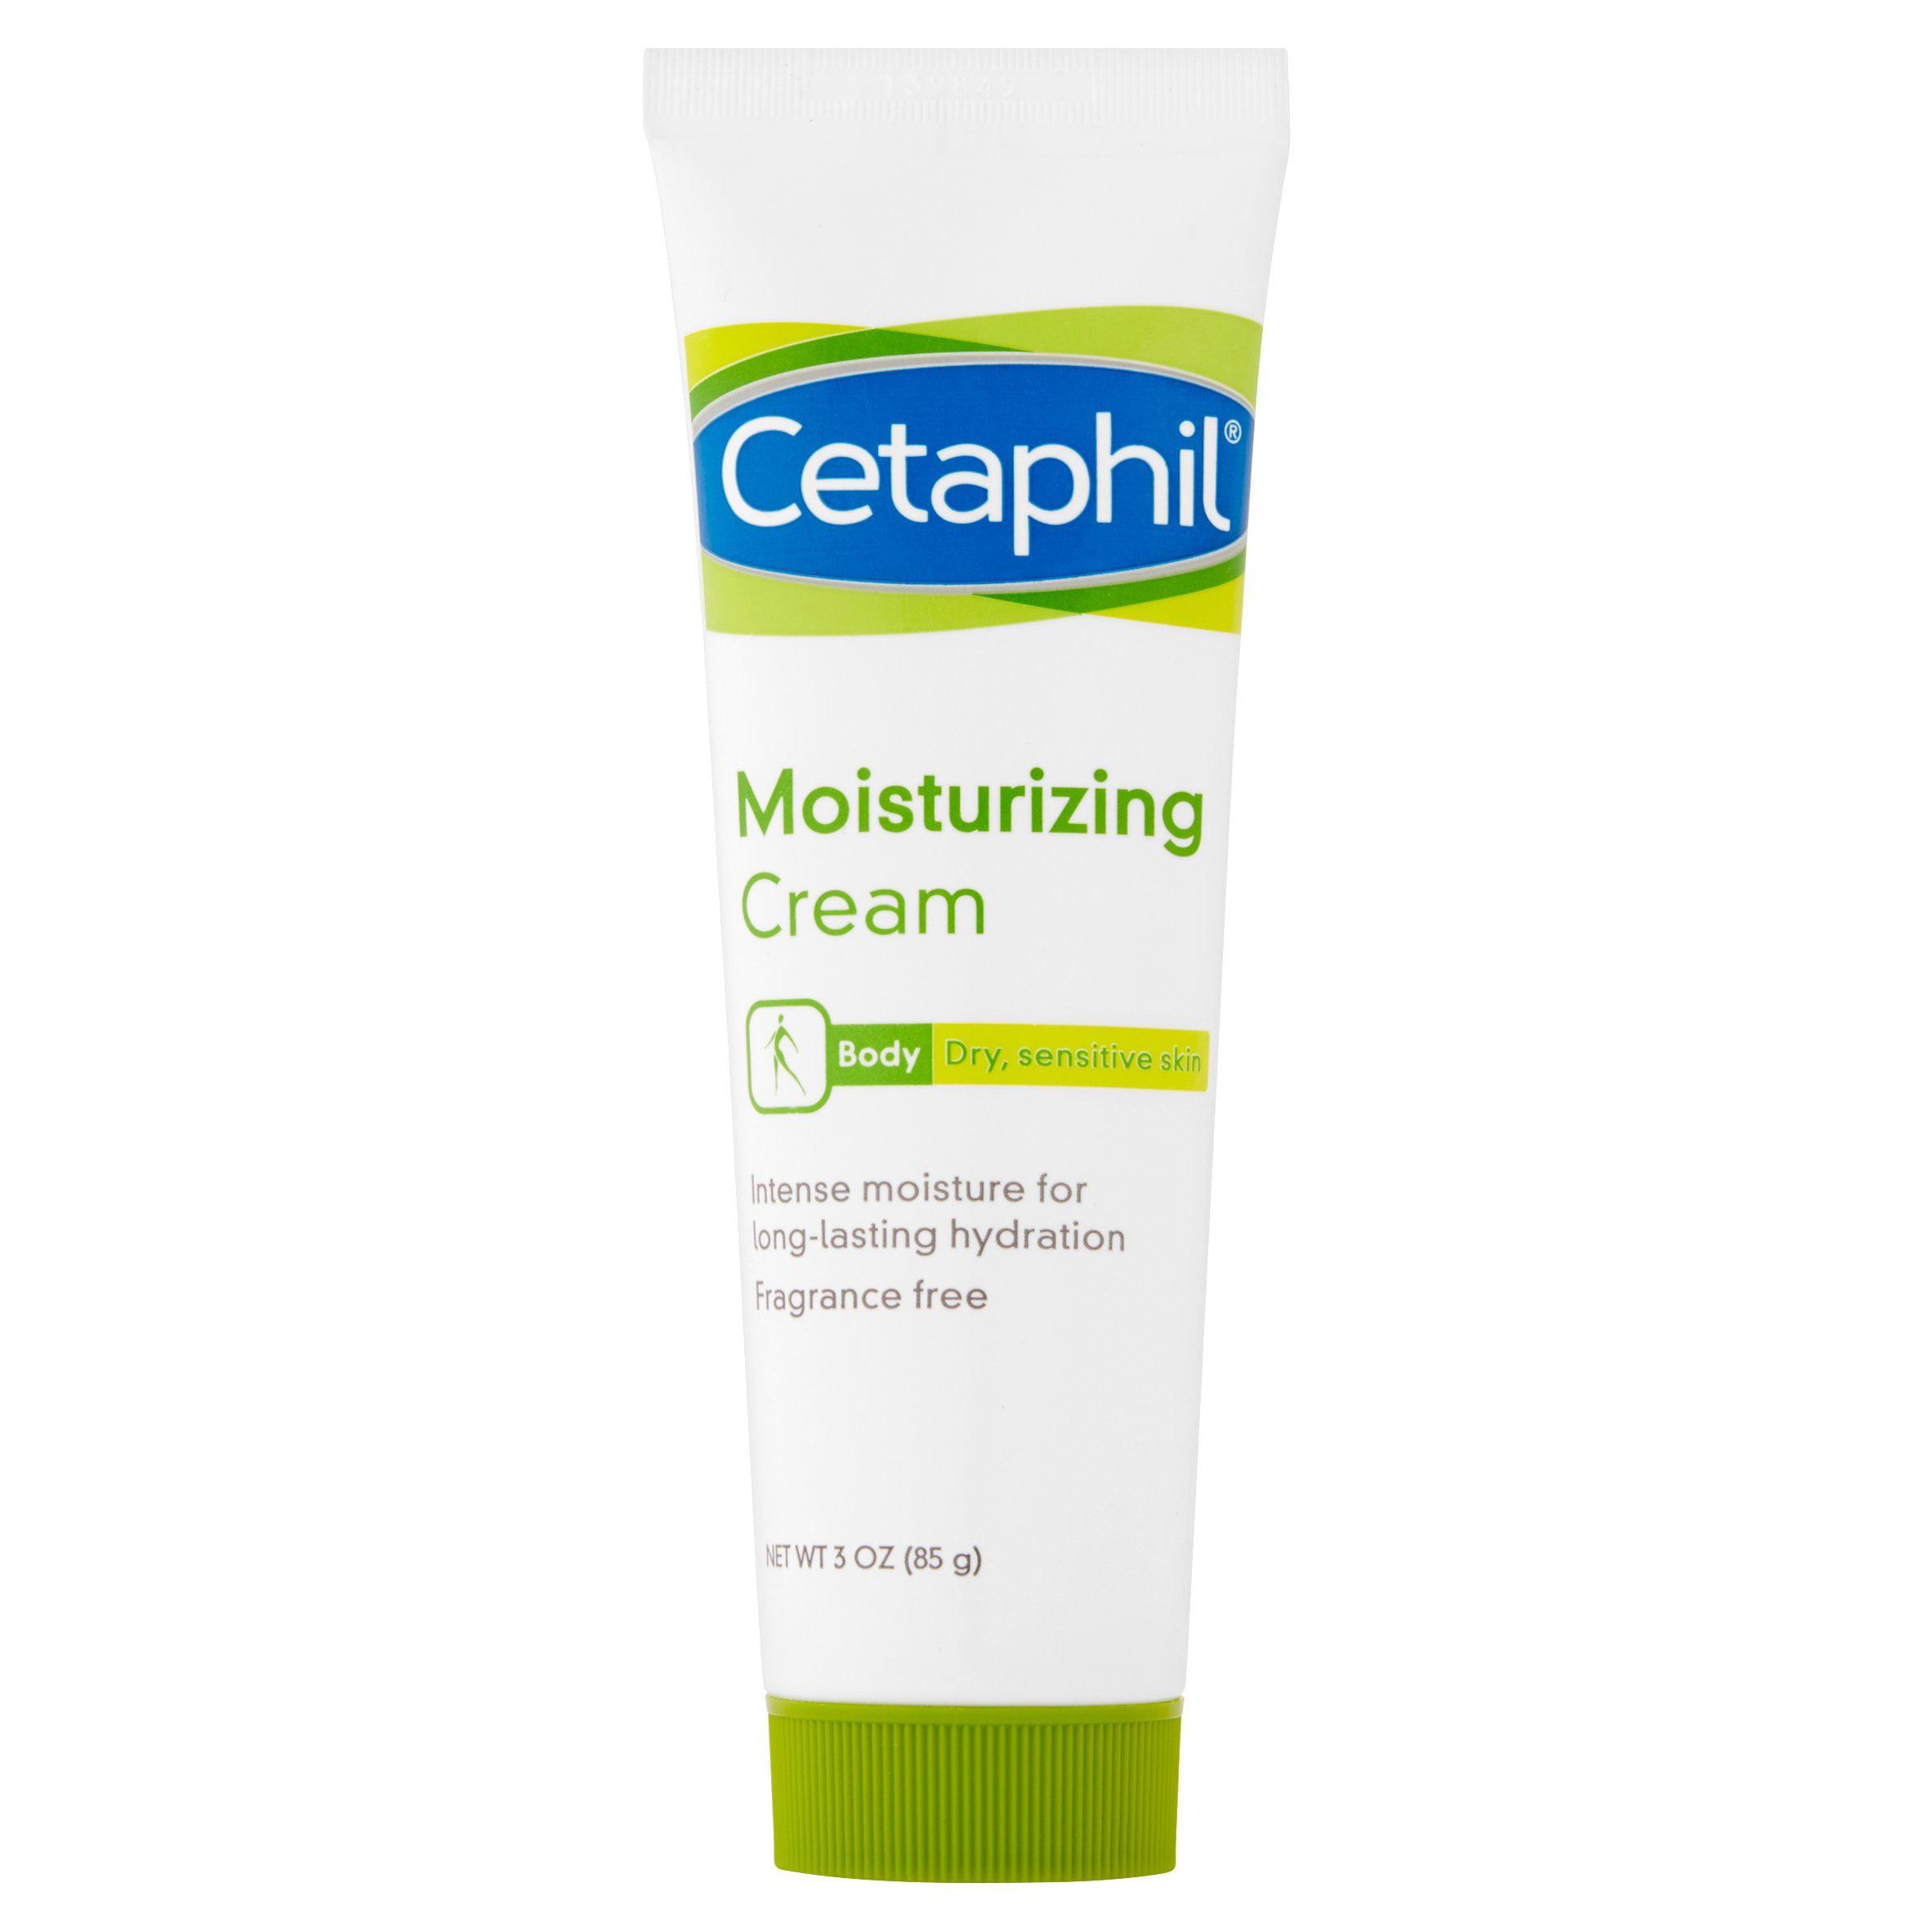 Cetaphil Moisturizing Cream, 3 oz